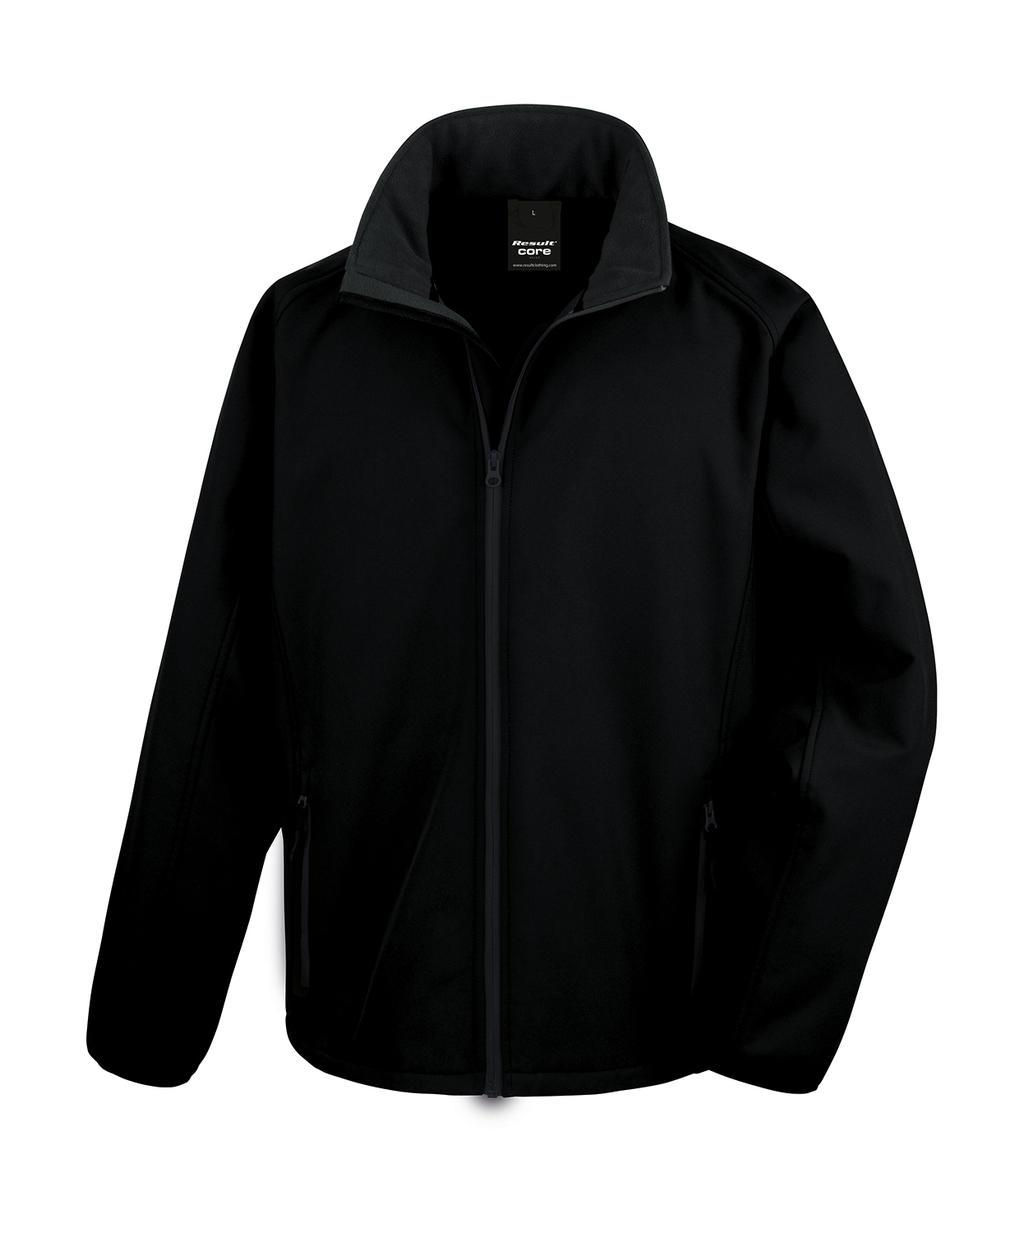 Potisknutelná Softshell bunda - zvìtšit obrázek